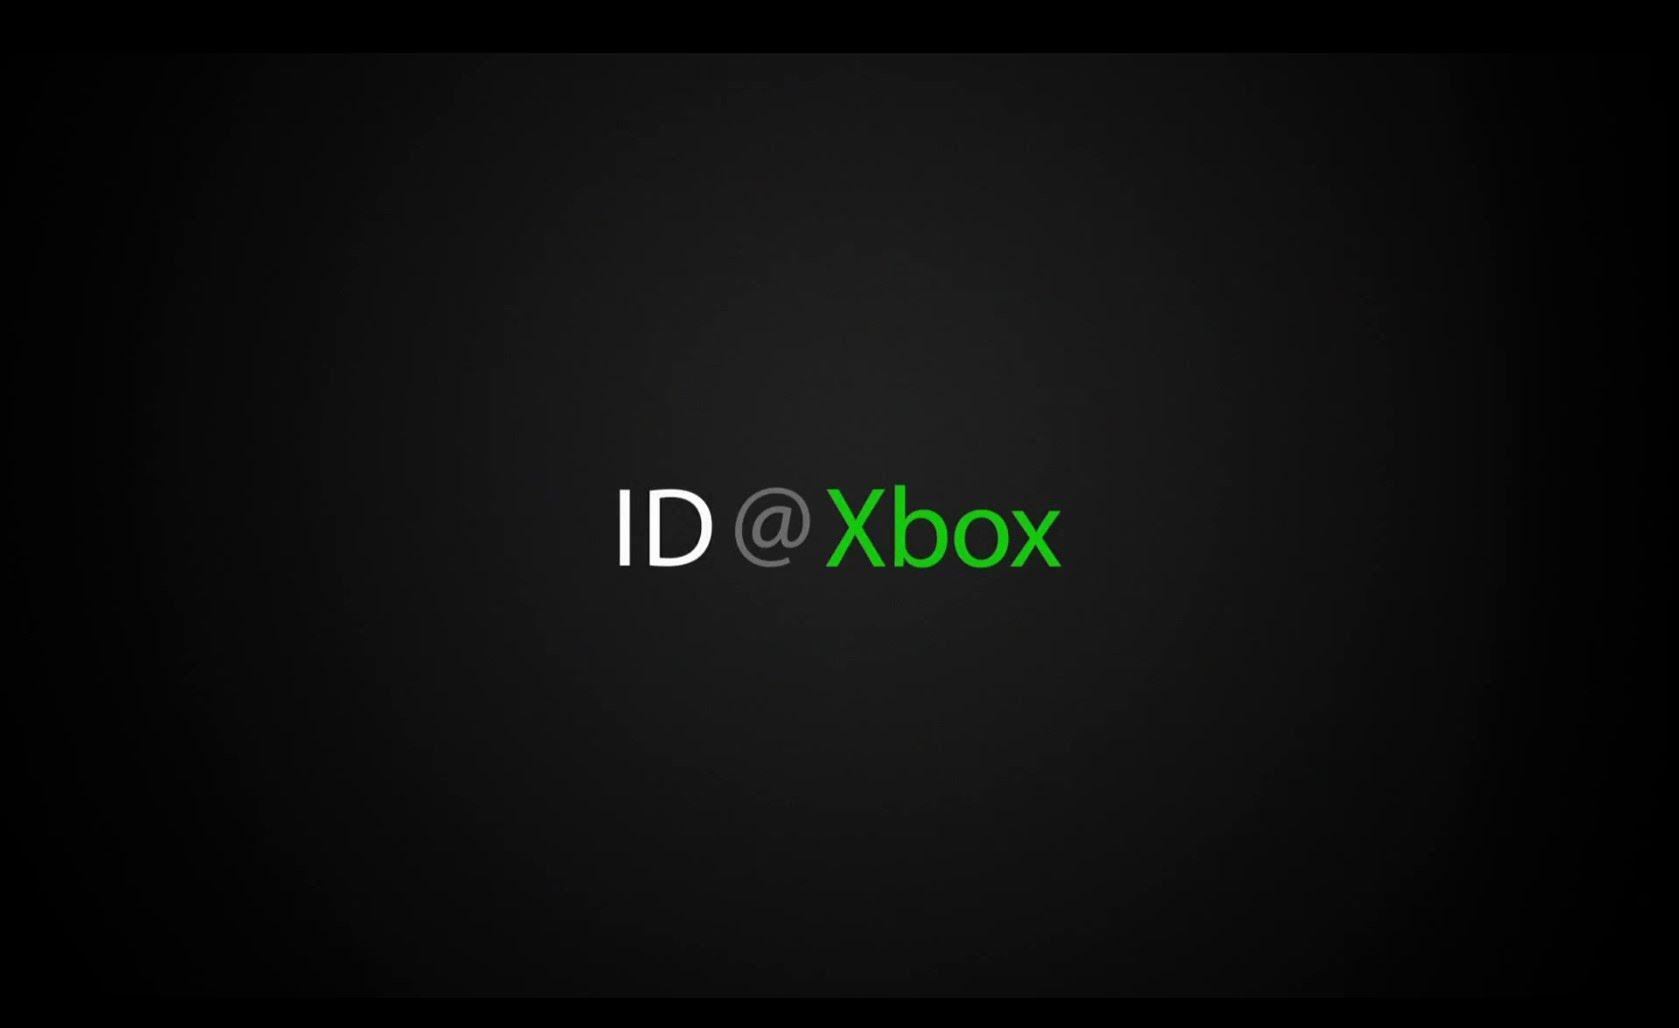 Microsoft festeggia i primi 1.000 titoli pubblicati con il programma ID@Xbox thumbnail